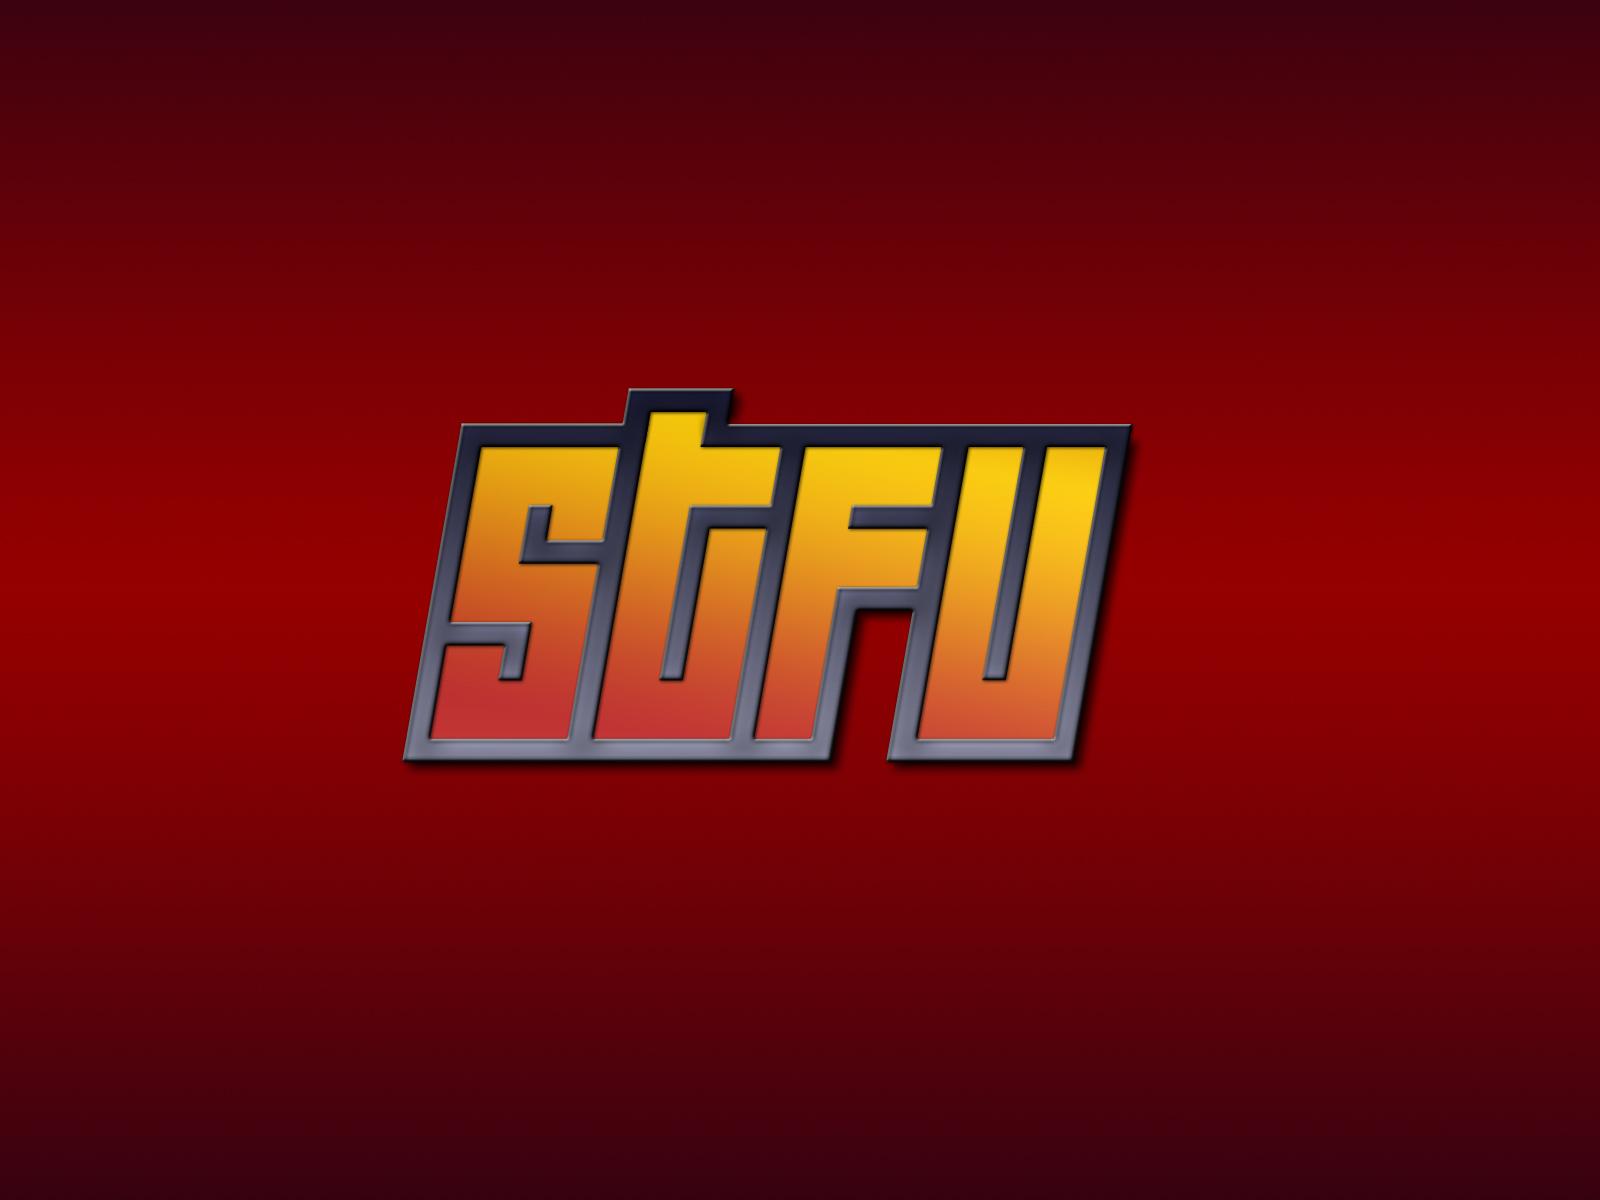 STFU by jbensch